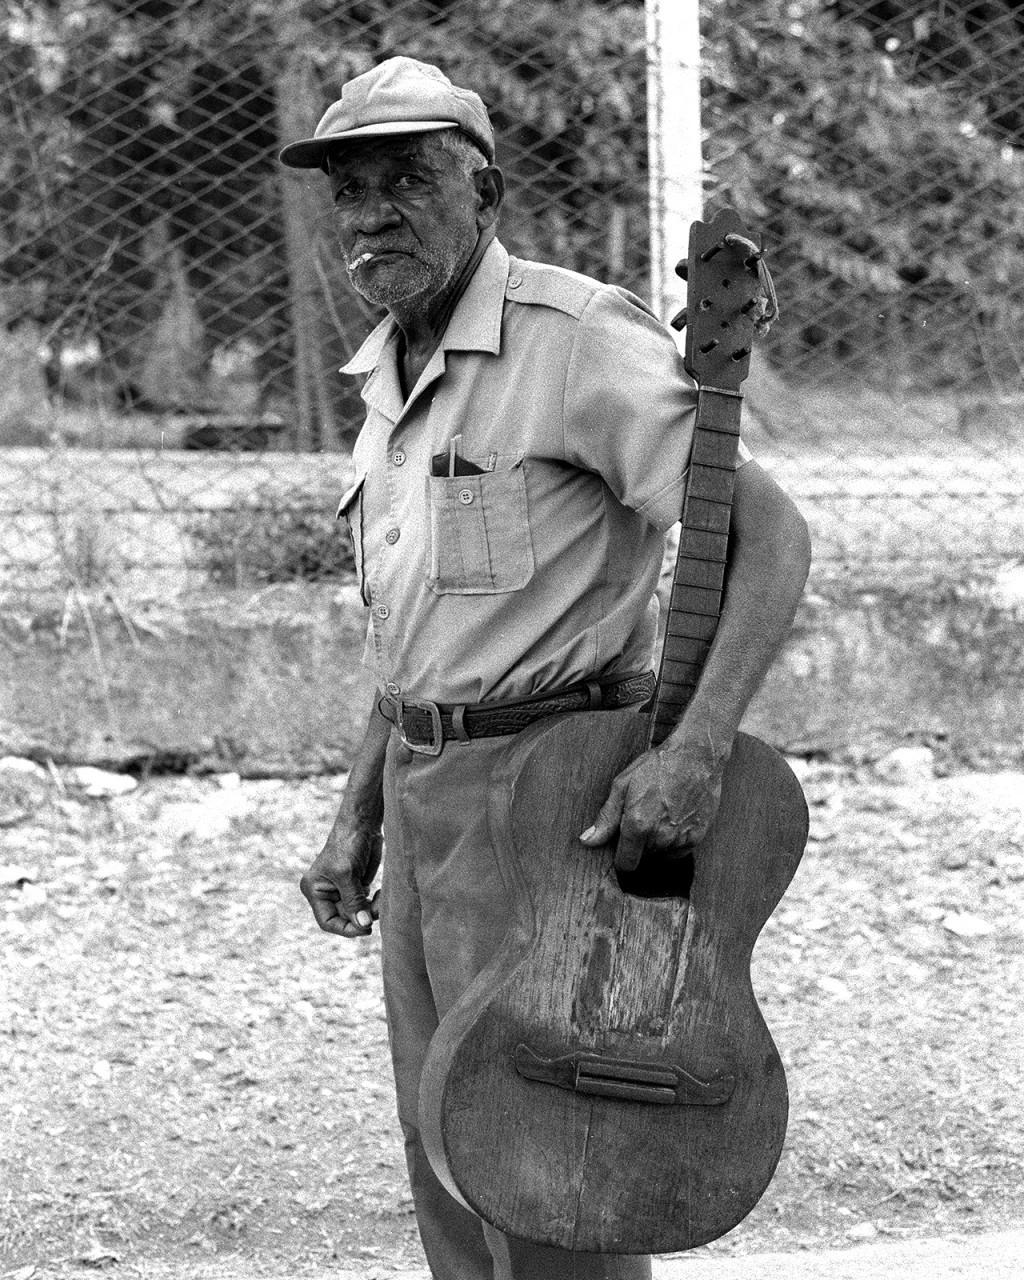 Um senhor caminha pelas ruas de Santa Clara carregando uma guitarra com bastante uso e com falta de cordas.